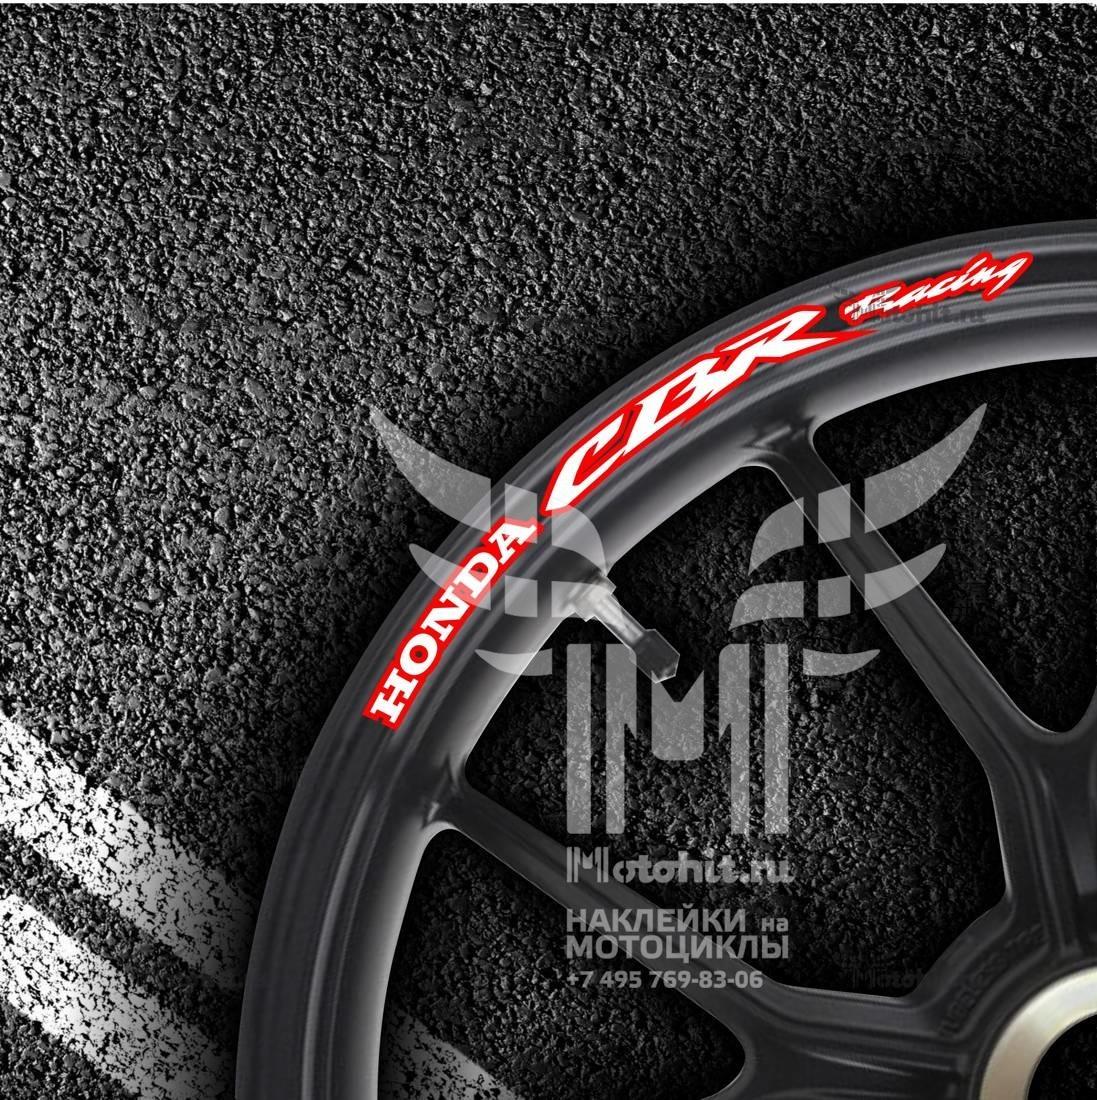 Комплект наклеек на обод колеса мотоцикла HONDA CBR RACING